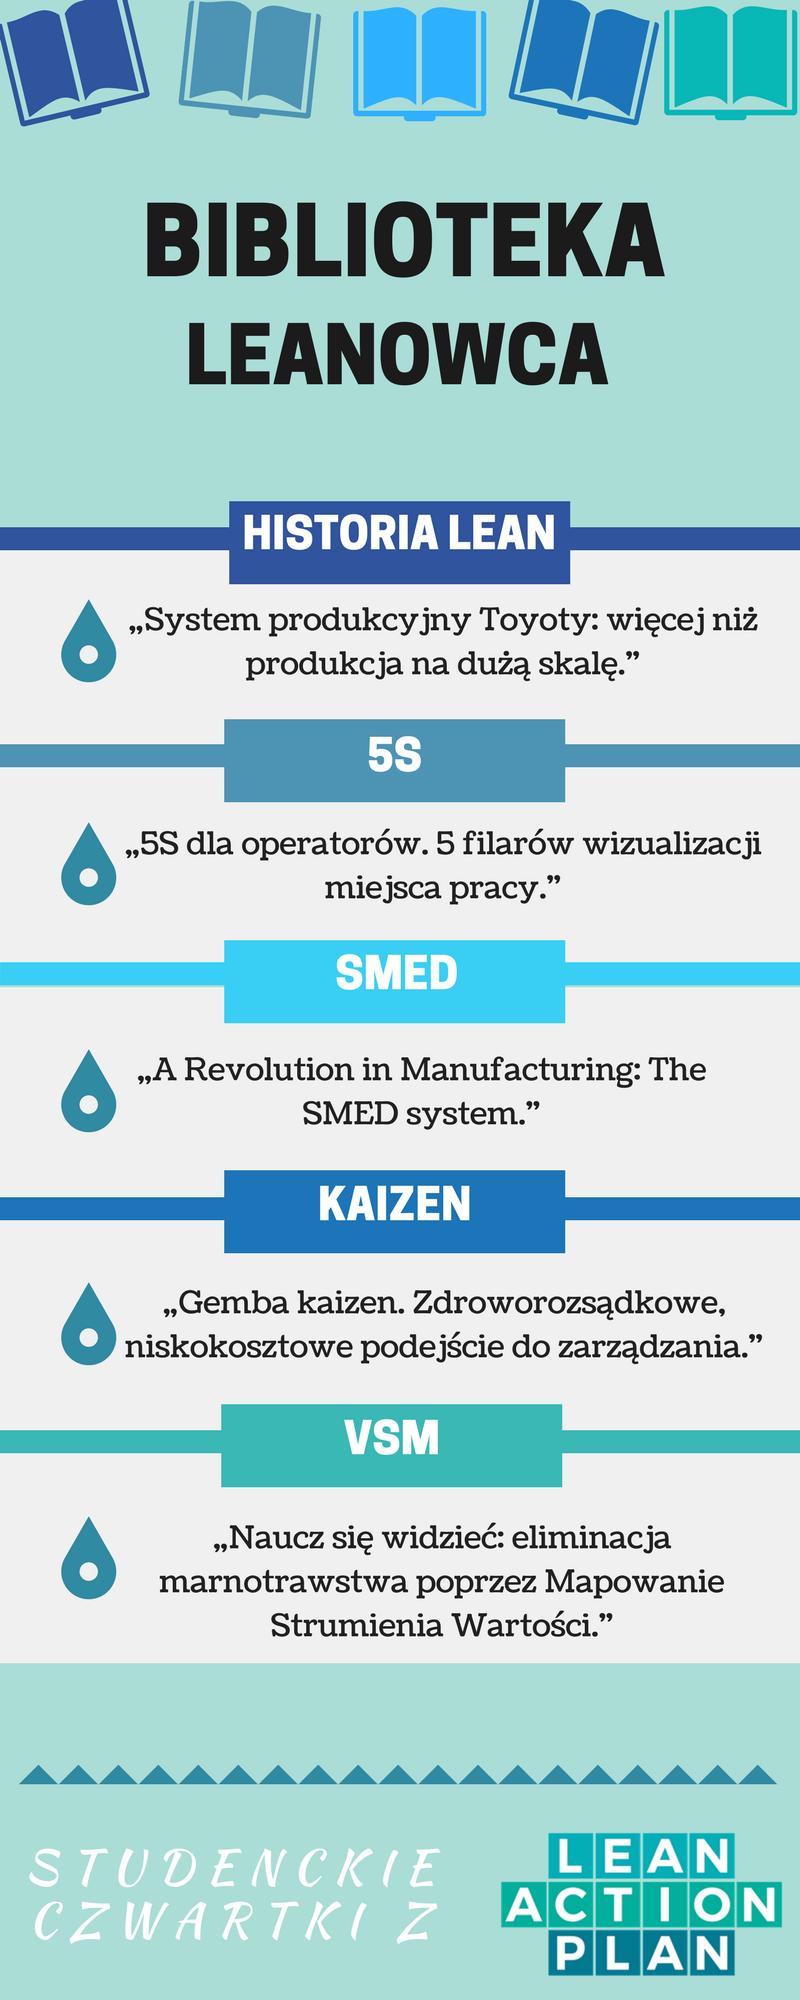 Biblioteka leanowca - infografika